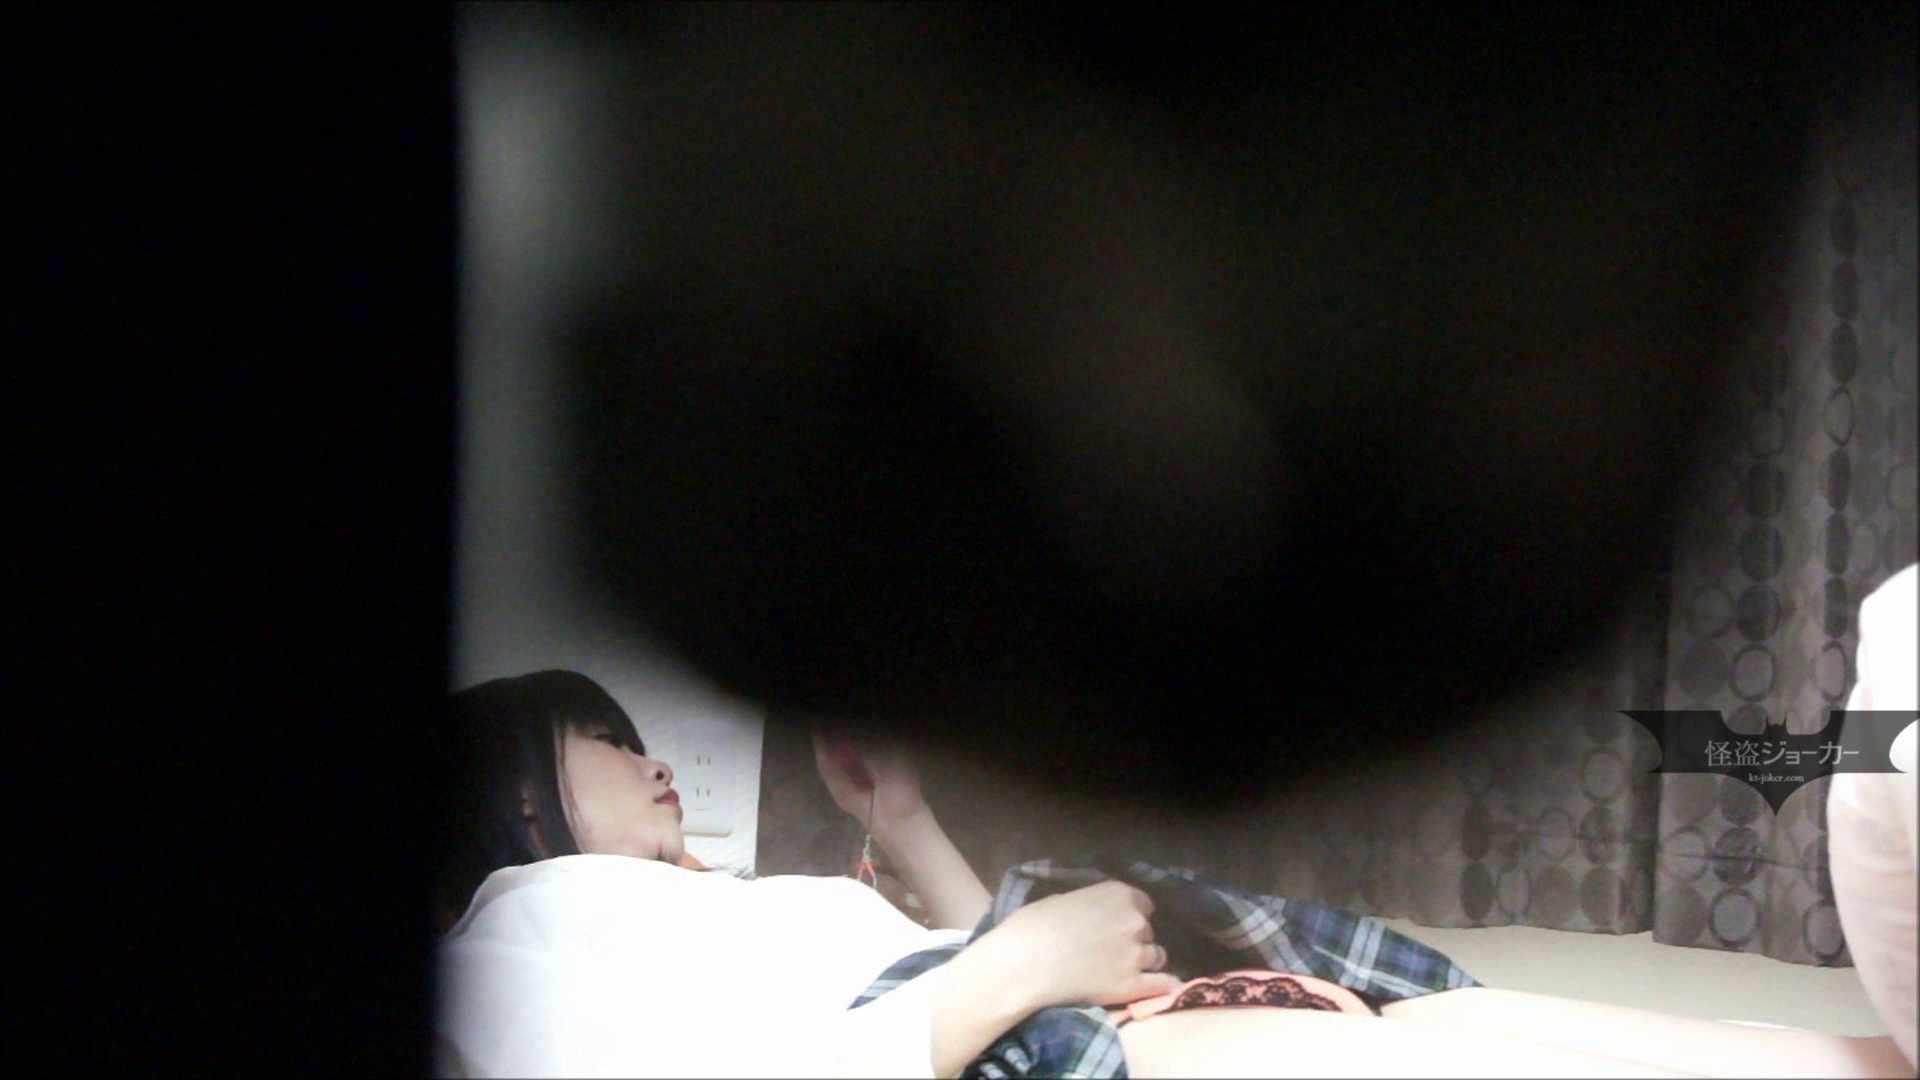 【未公開】vol.54【小春】脱衣所とオナニー隠し撮り オナニー  92pic 28